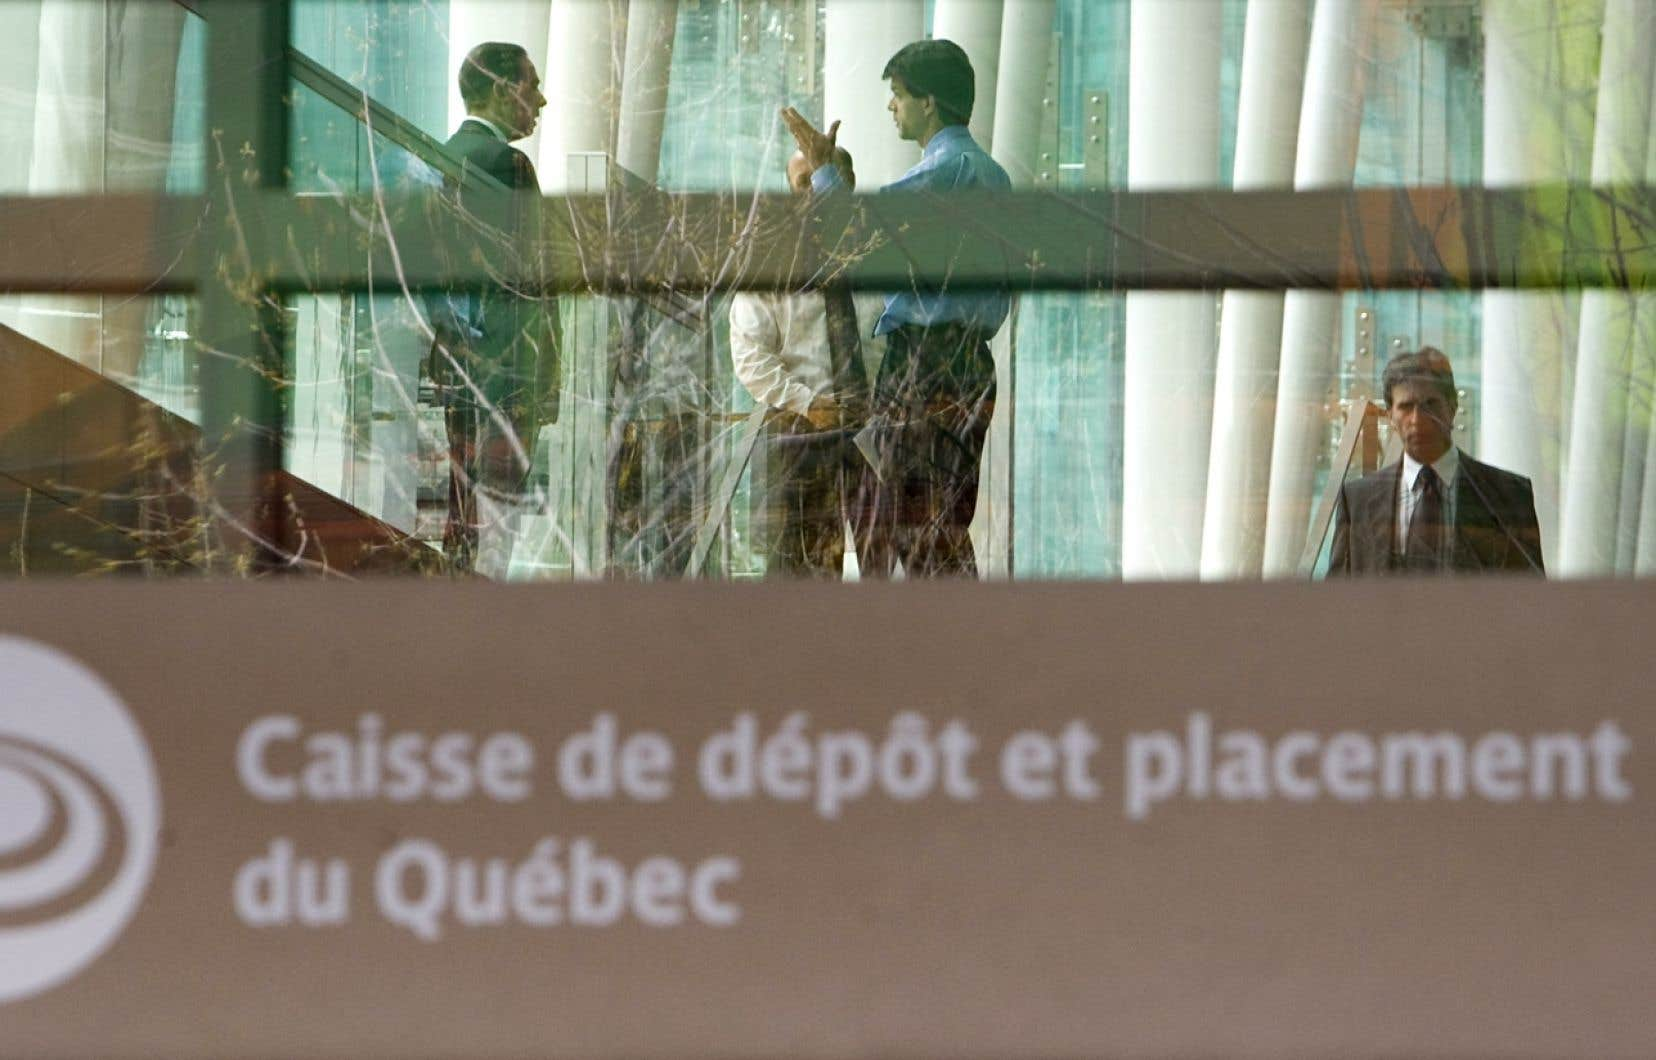 La Caisse de dépôt et placement du Québec gère des fonds provenant principalement de régimes de retraite et d'assurances publiques et privées.